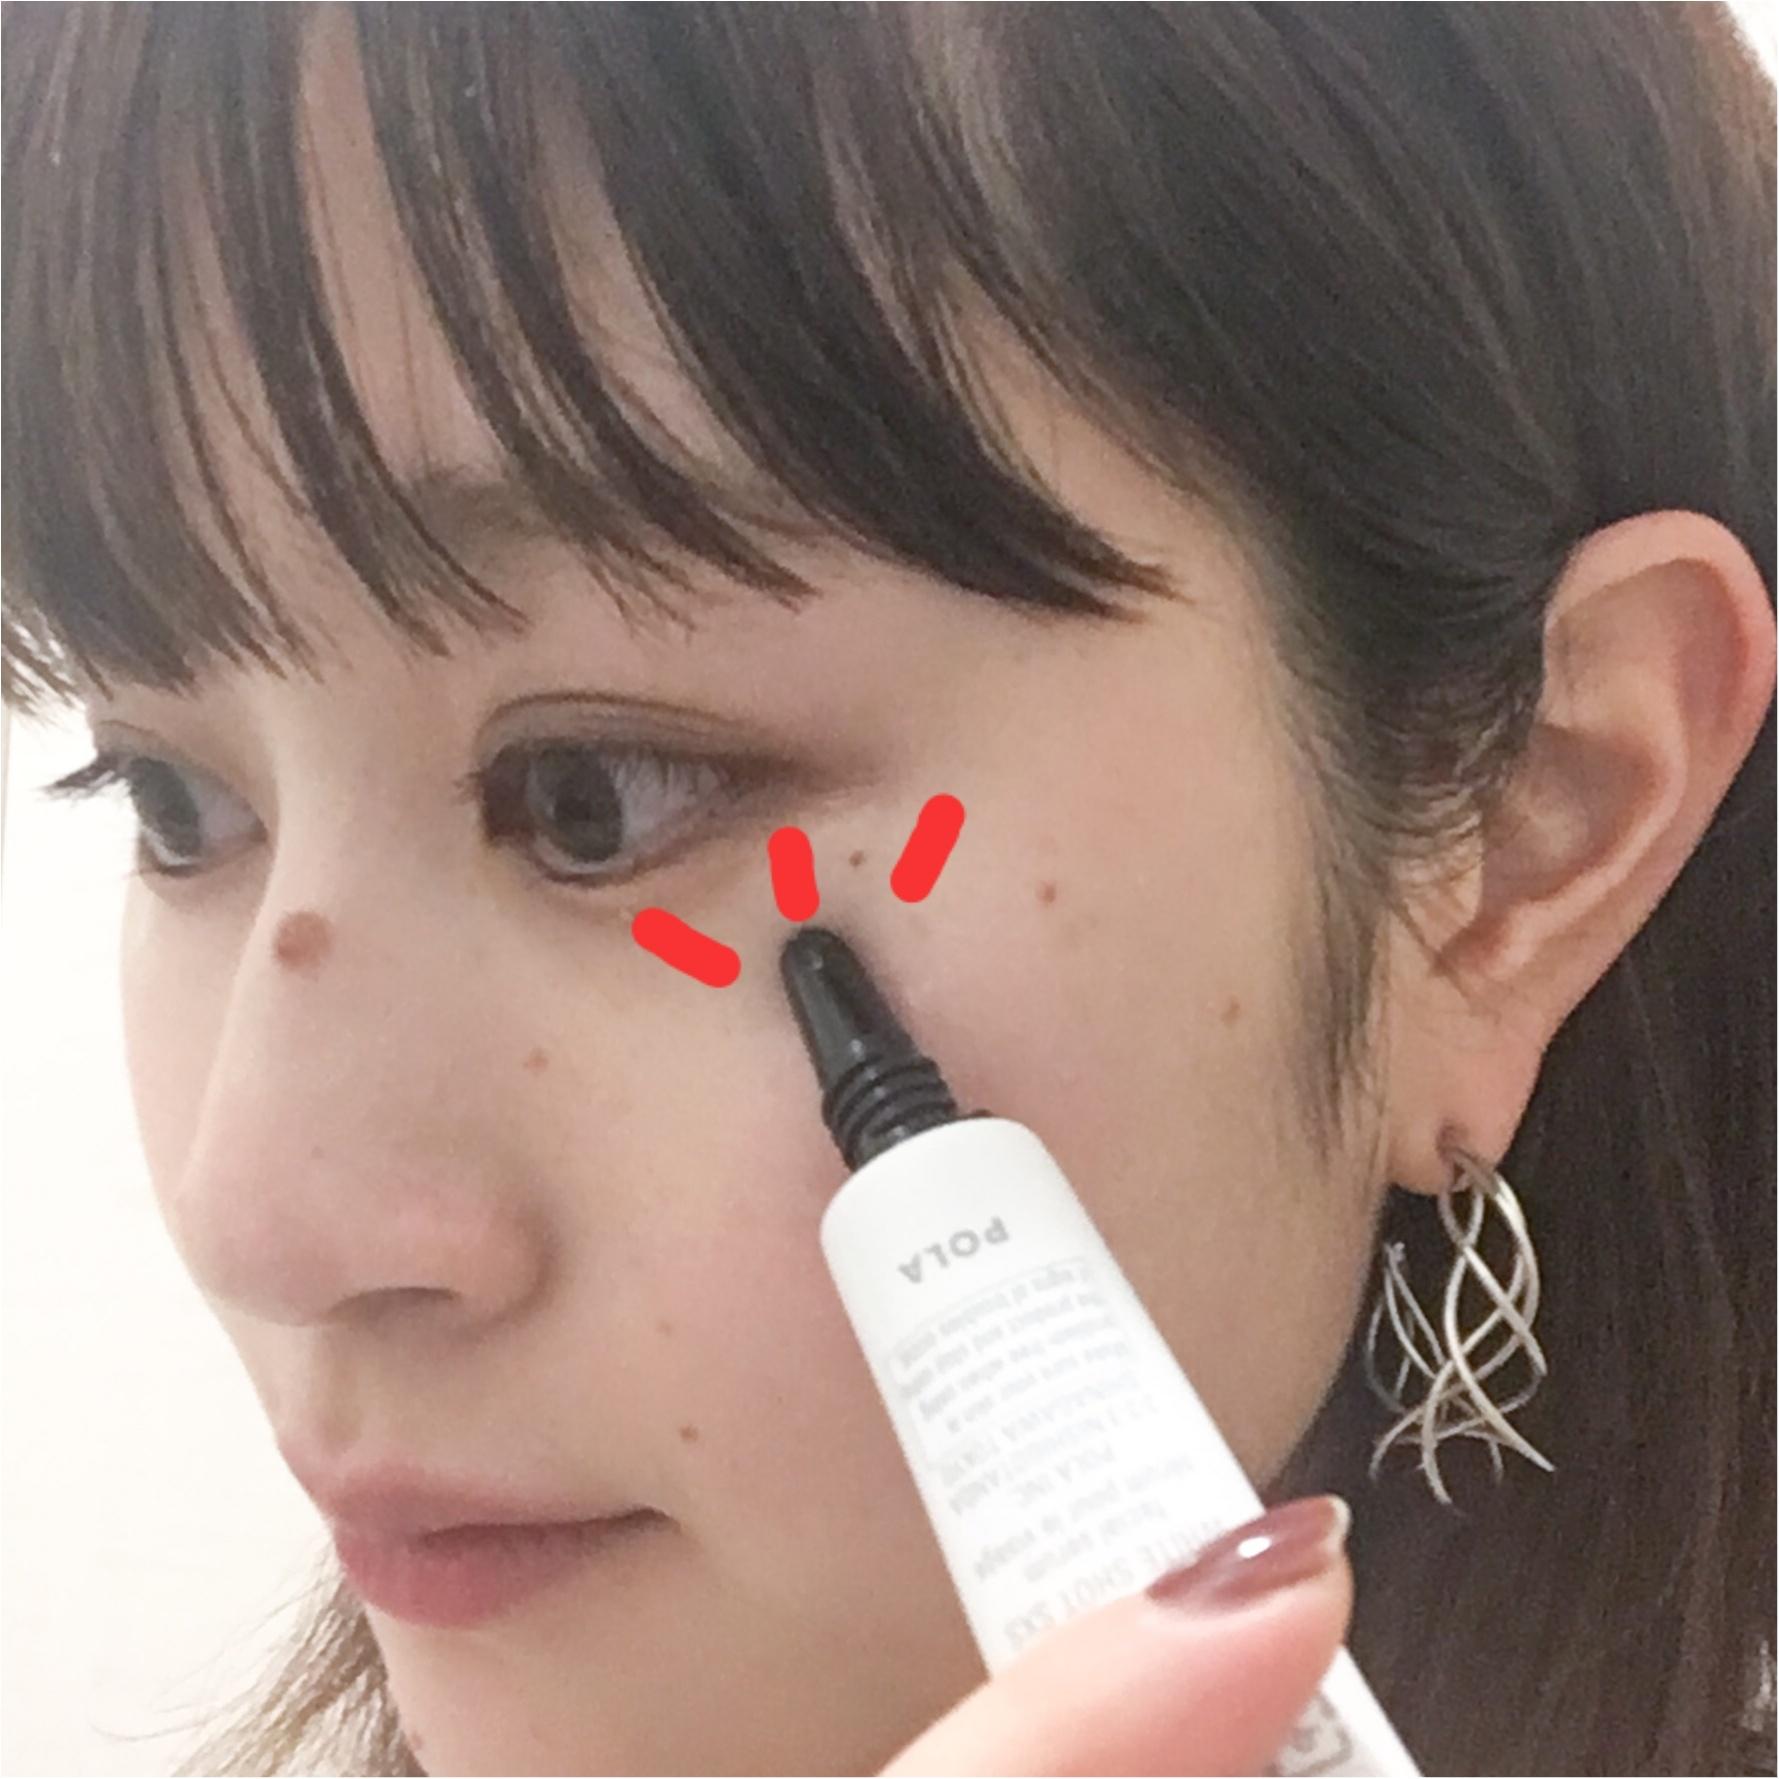 シミの悩みにおすすめの化粧品特集 - シミ対策スキンケア、気になるシミをカバーするコンシーラーまとめ_24